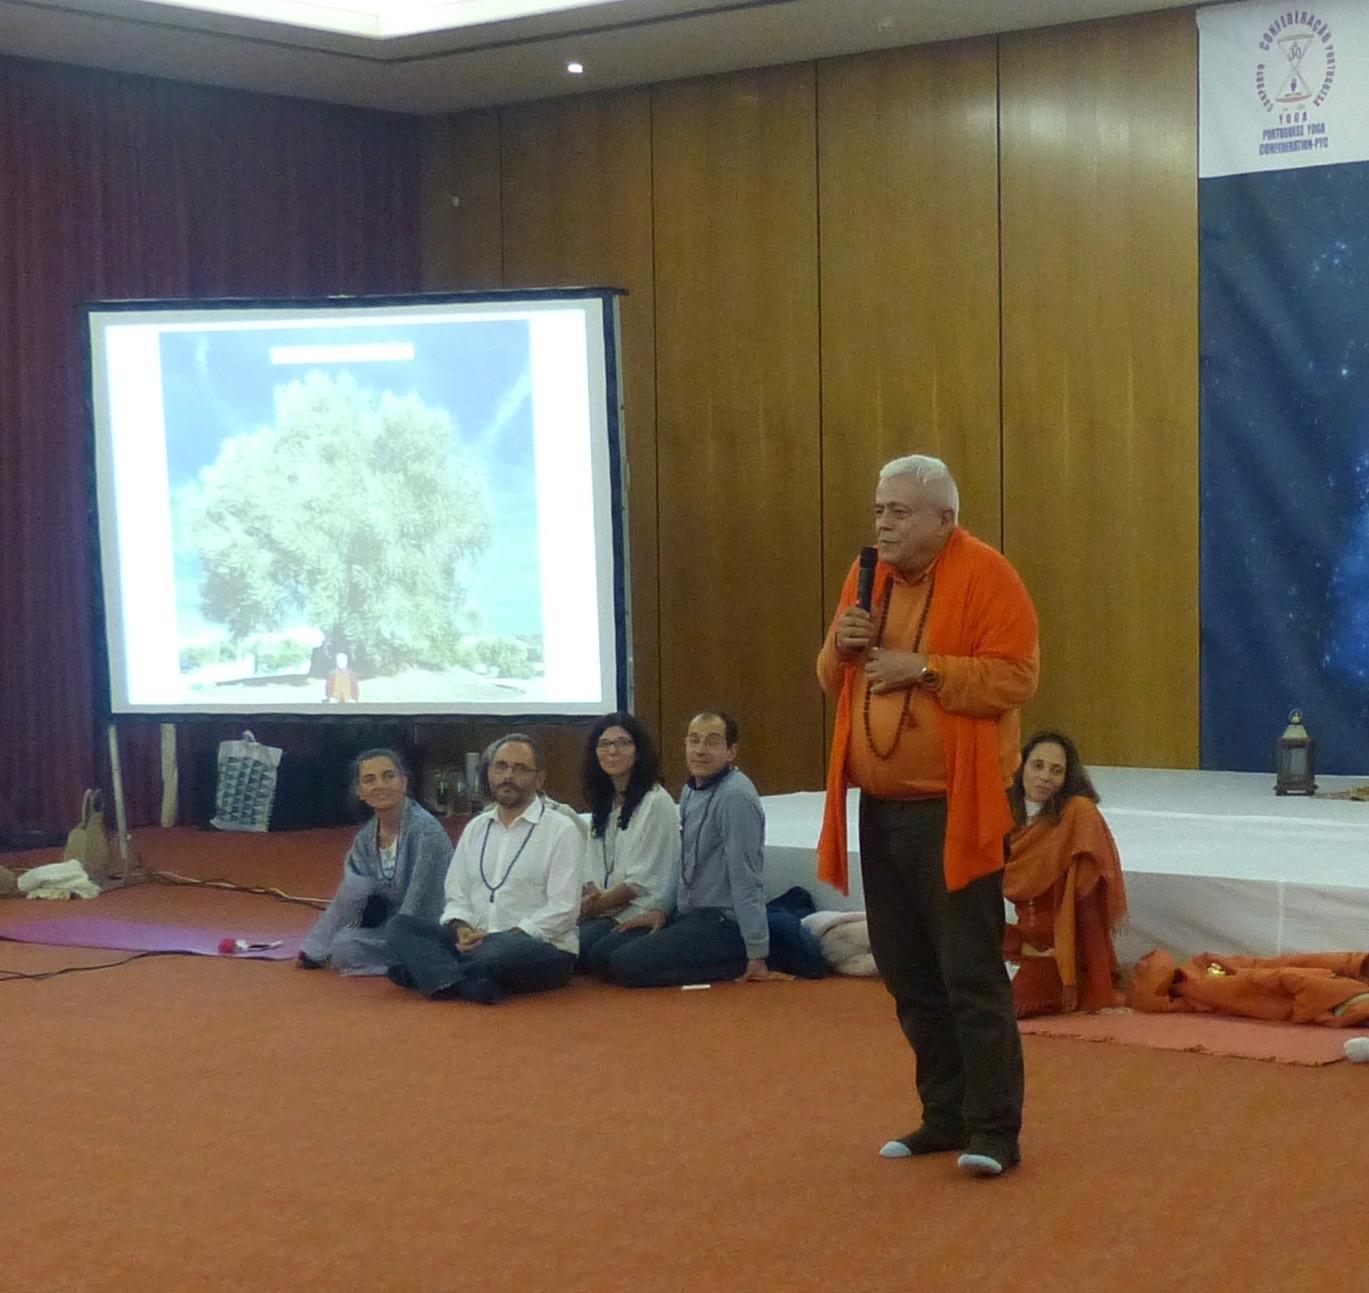 Guru Jí's Speeches